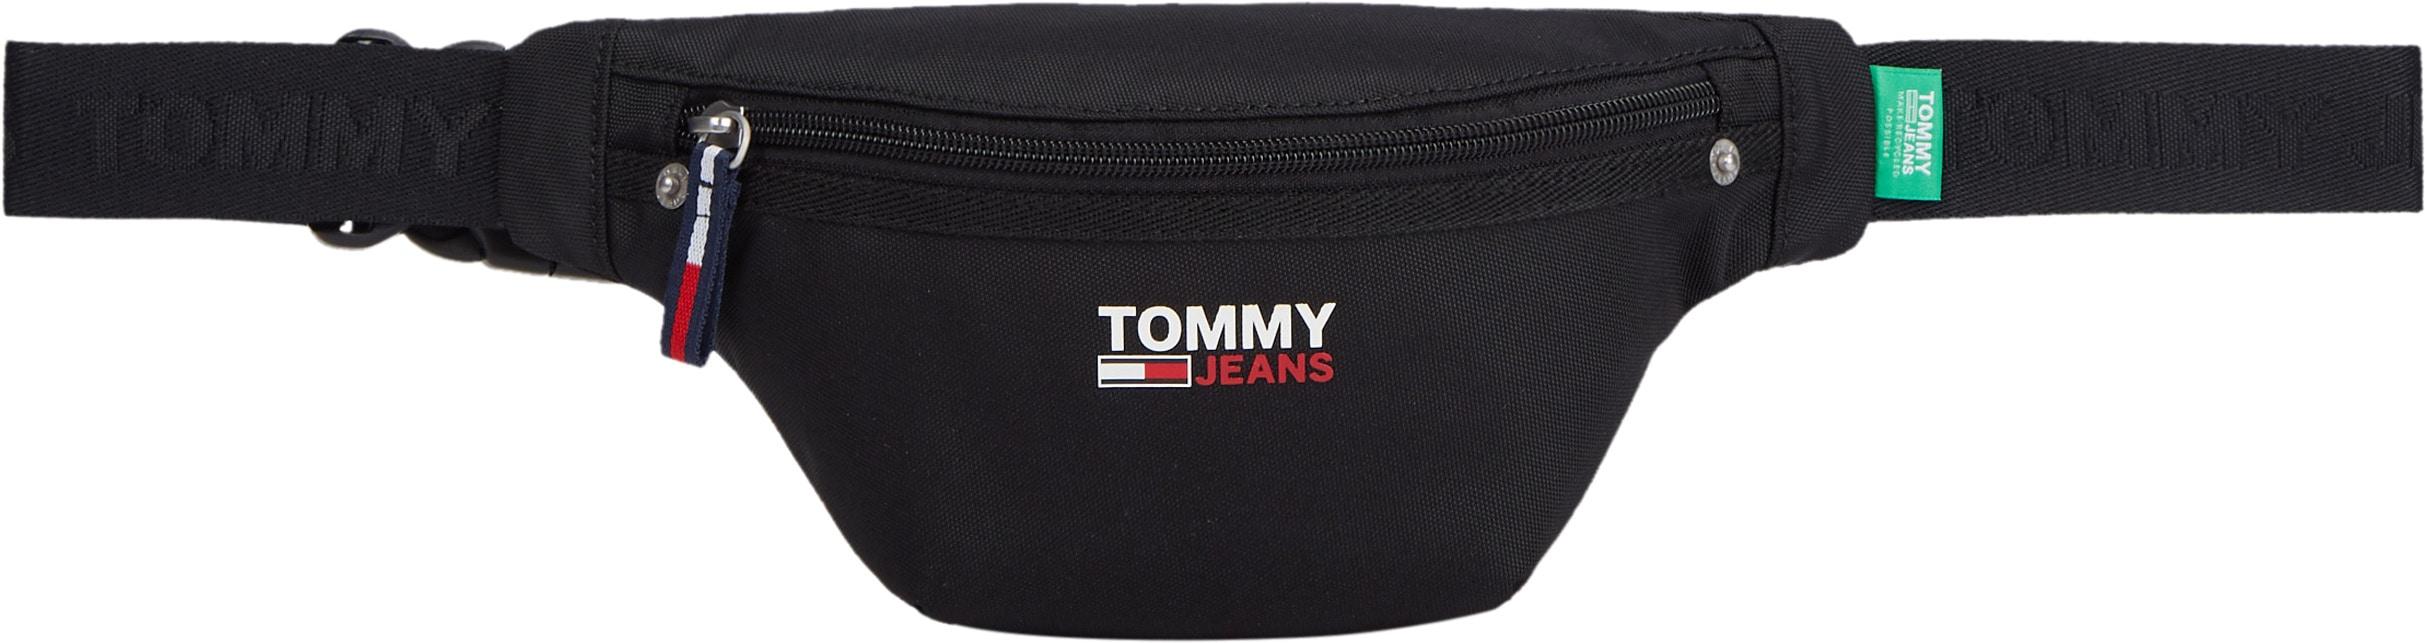 tommy jeans -  Bauchtasche TJW CAMPUS BUMBAG, mit Reißverschluss-Innenfach